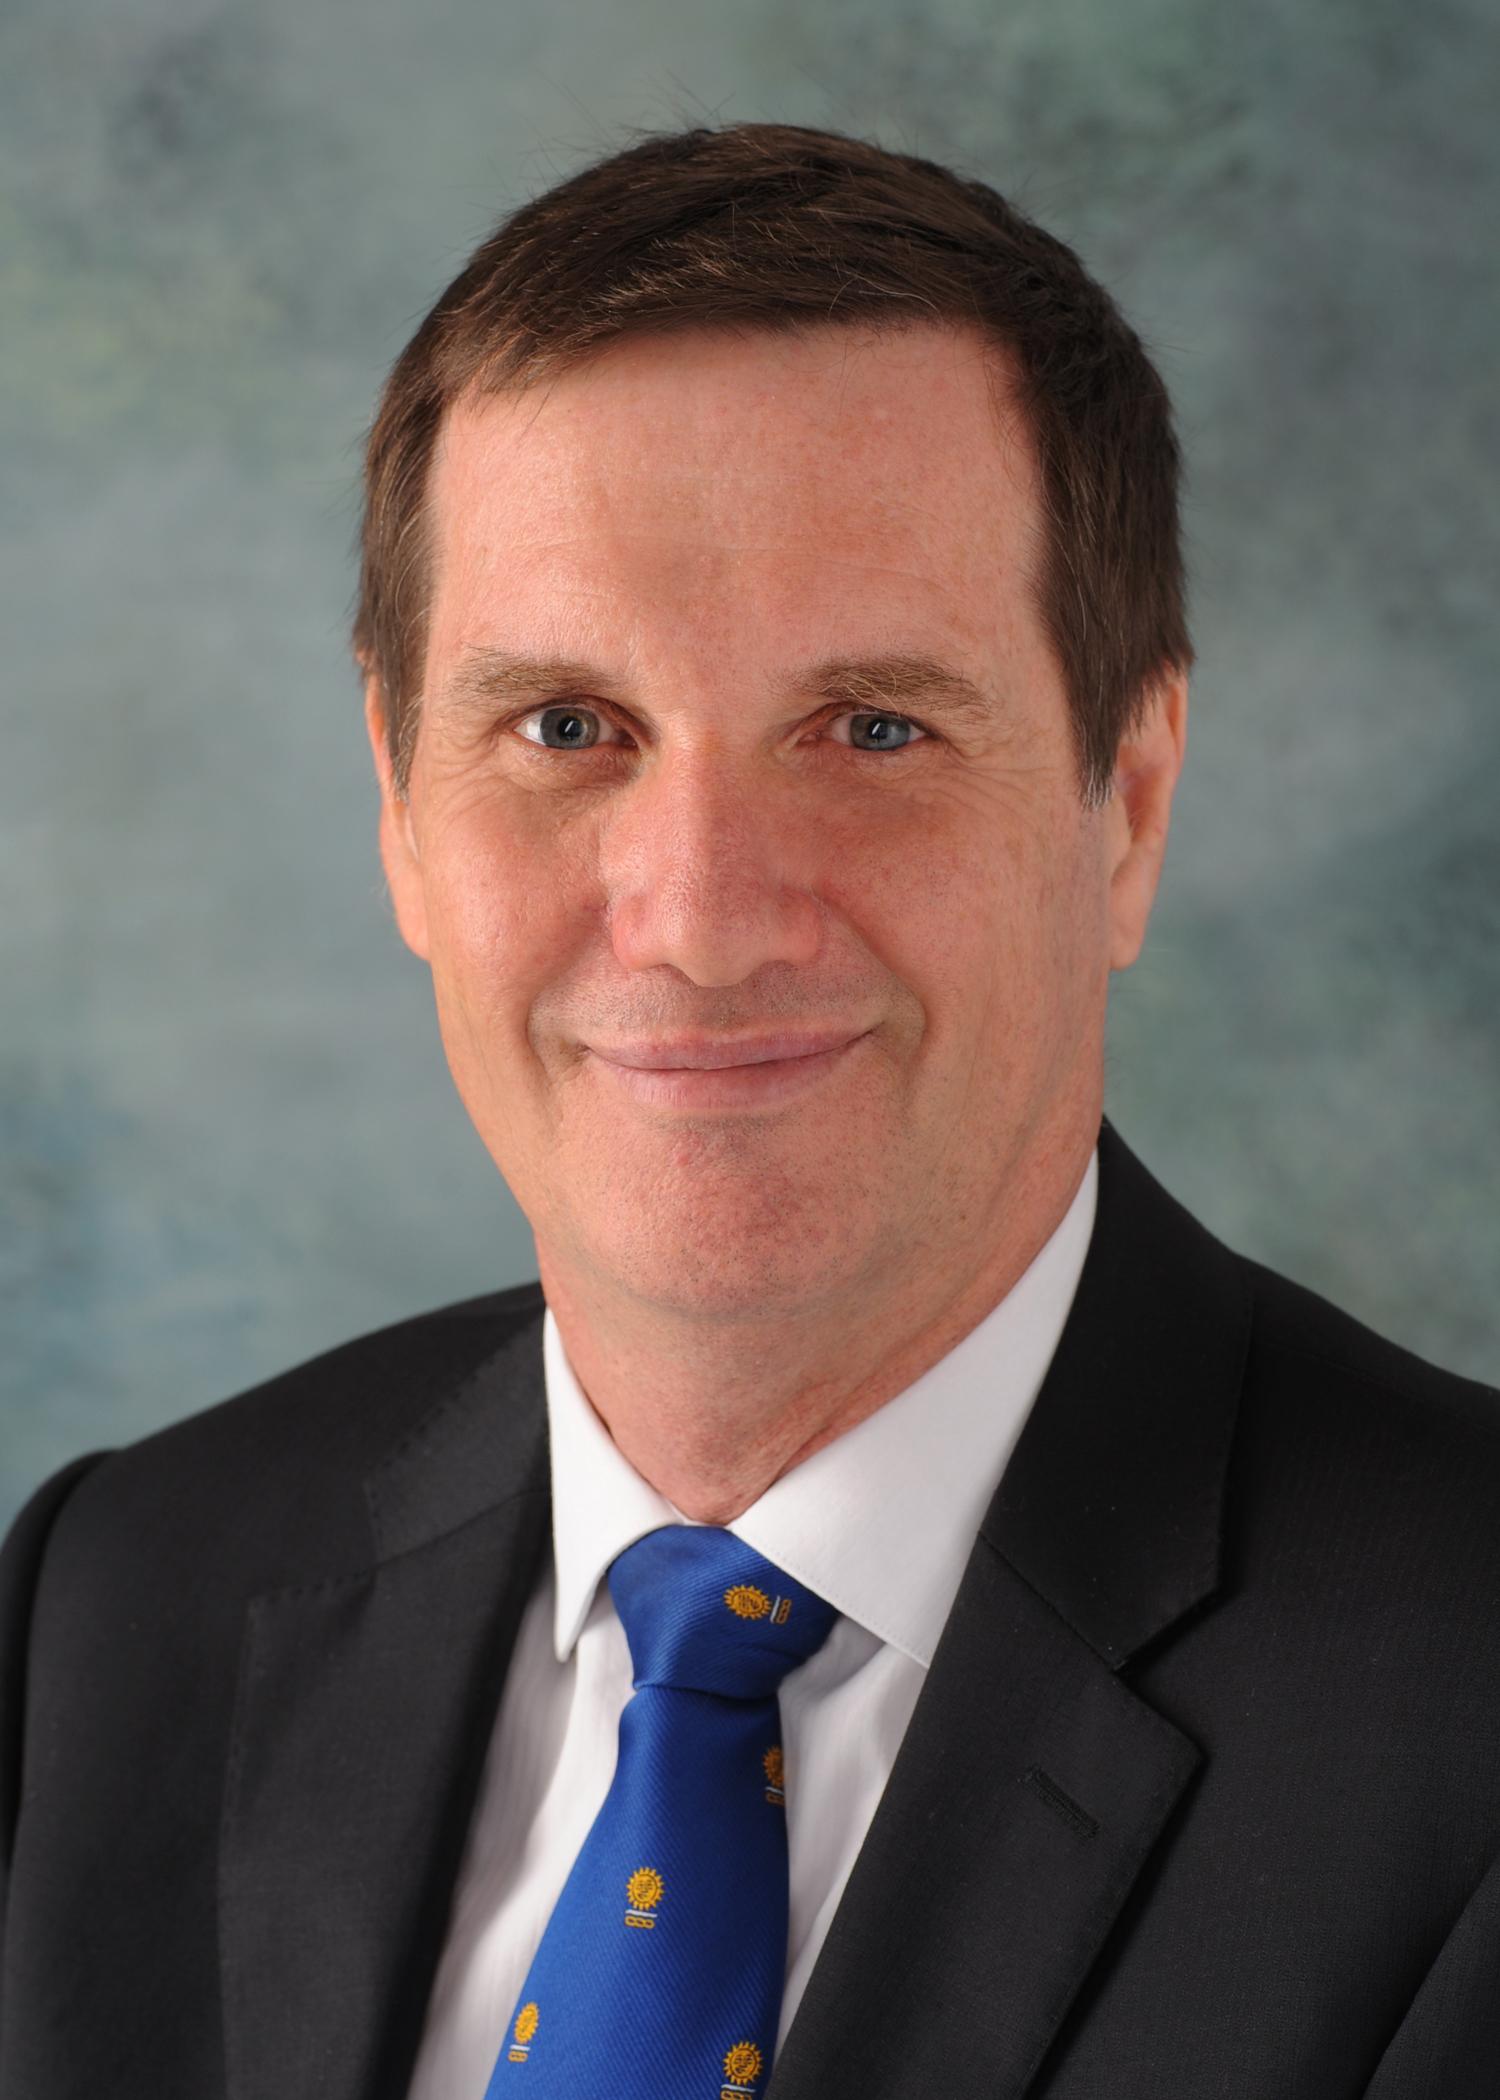 Dr Anthony Joseph Lynham, member for Stafford